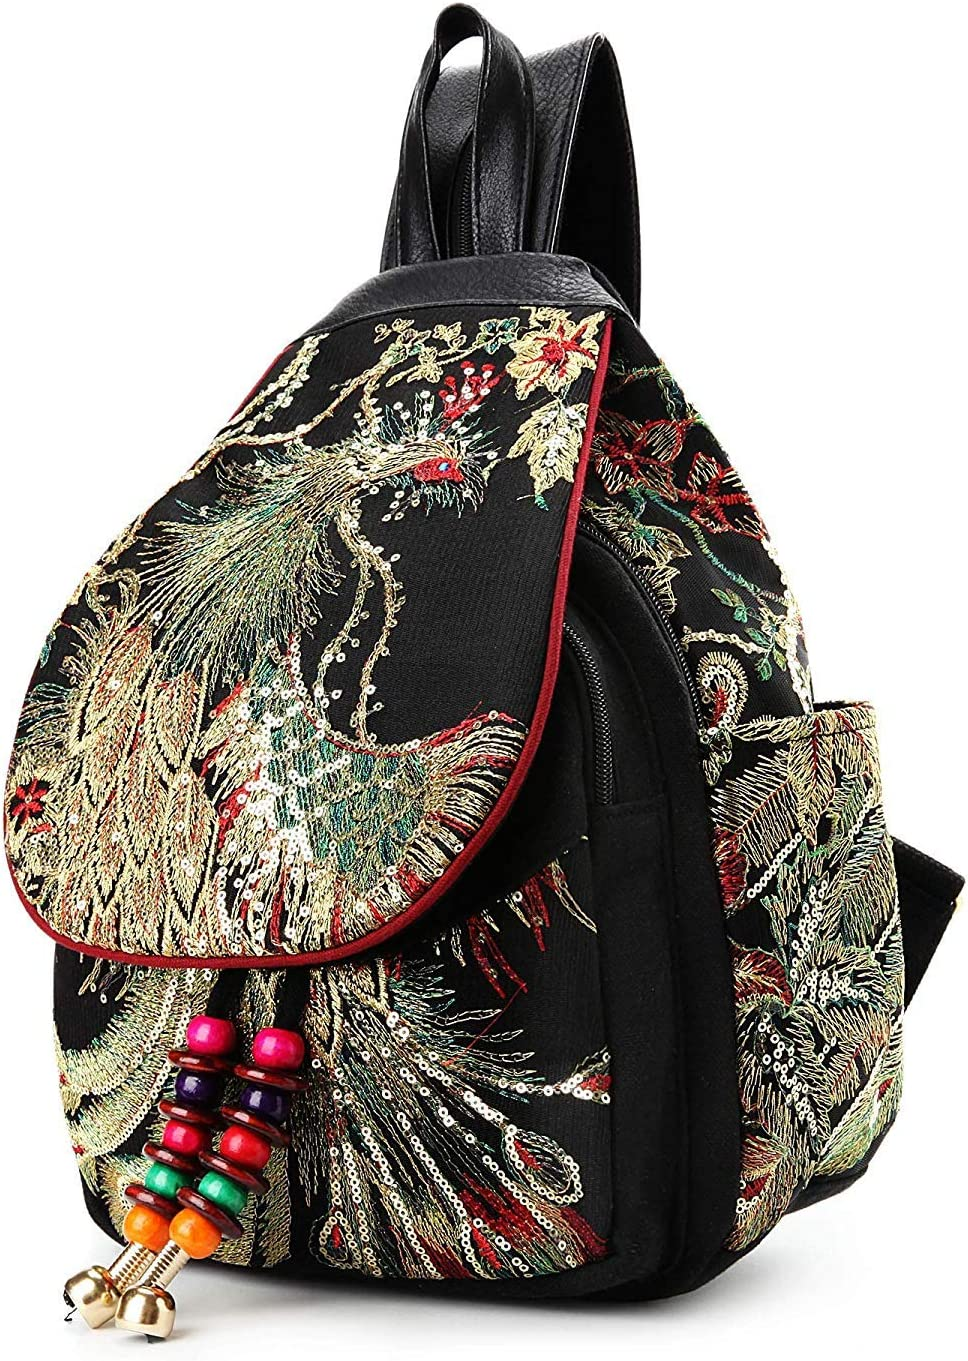 GXFLO Vintage Phoenix Sequins Embroidered Womens Backpack Travel Shoulder Bag